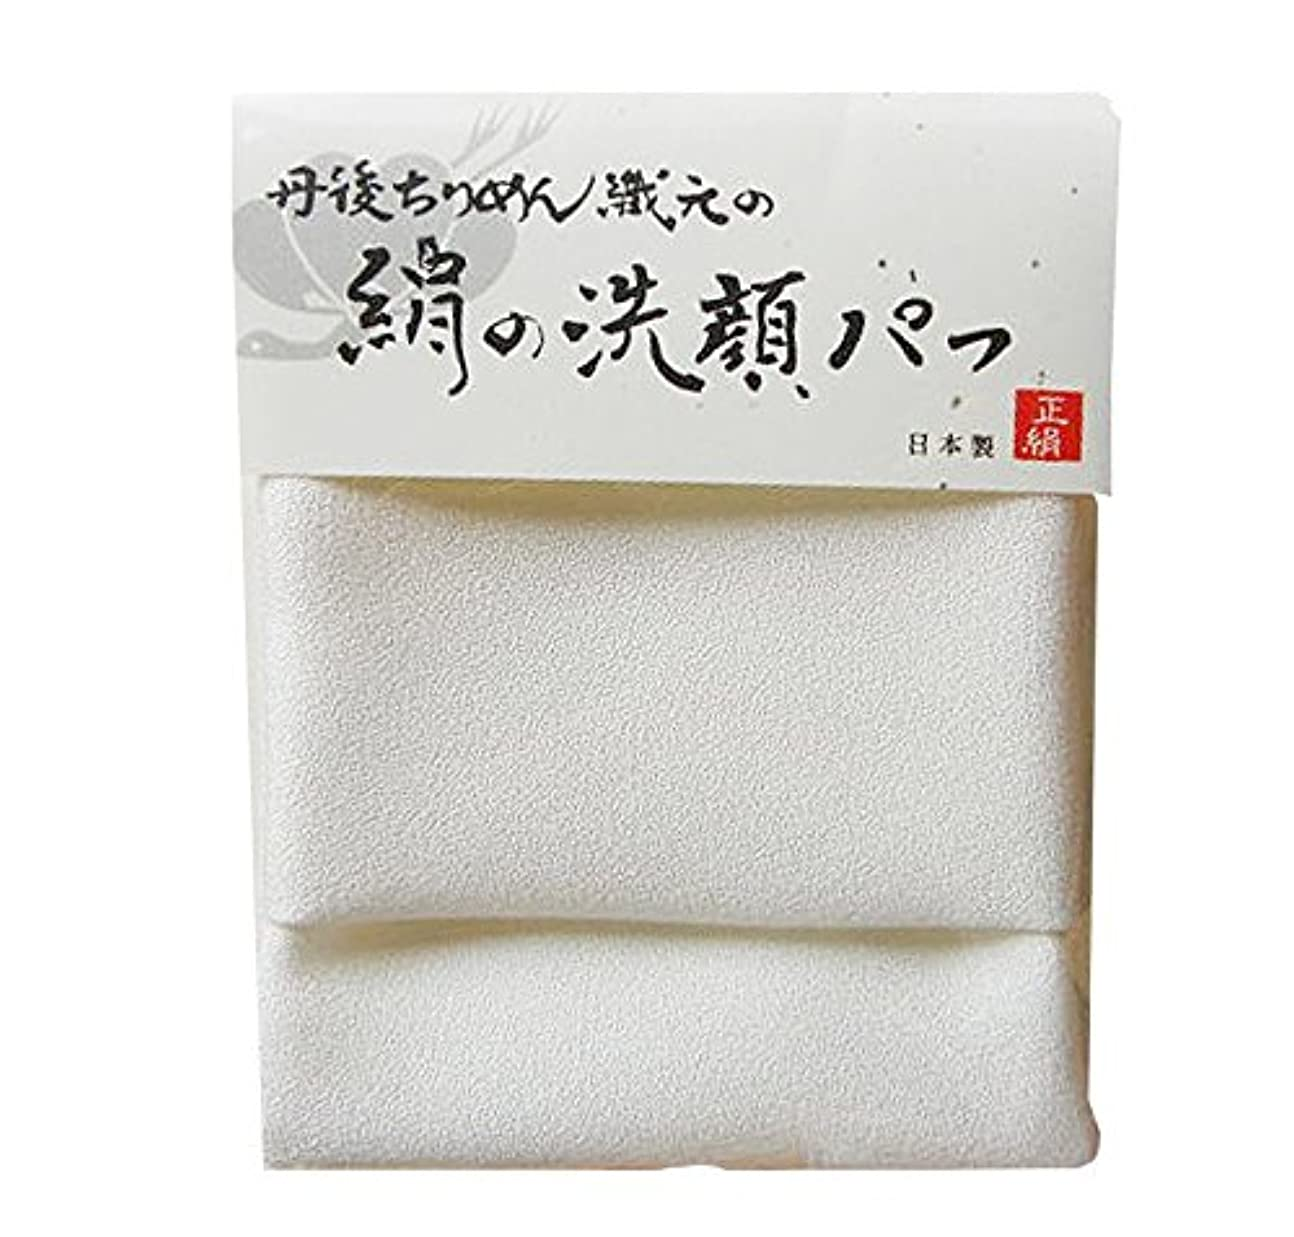 テナントアンプテレビ局【NHKイッピンで紹介!】丹後ちりめん織元の絹の洗顔パフ